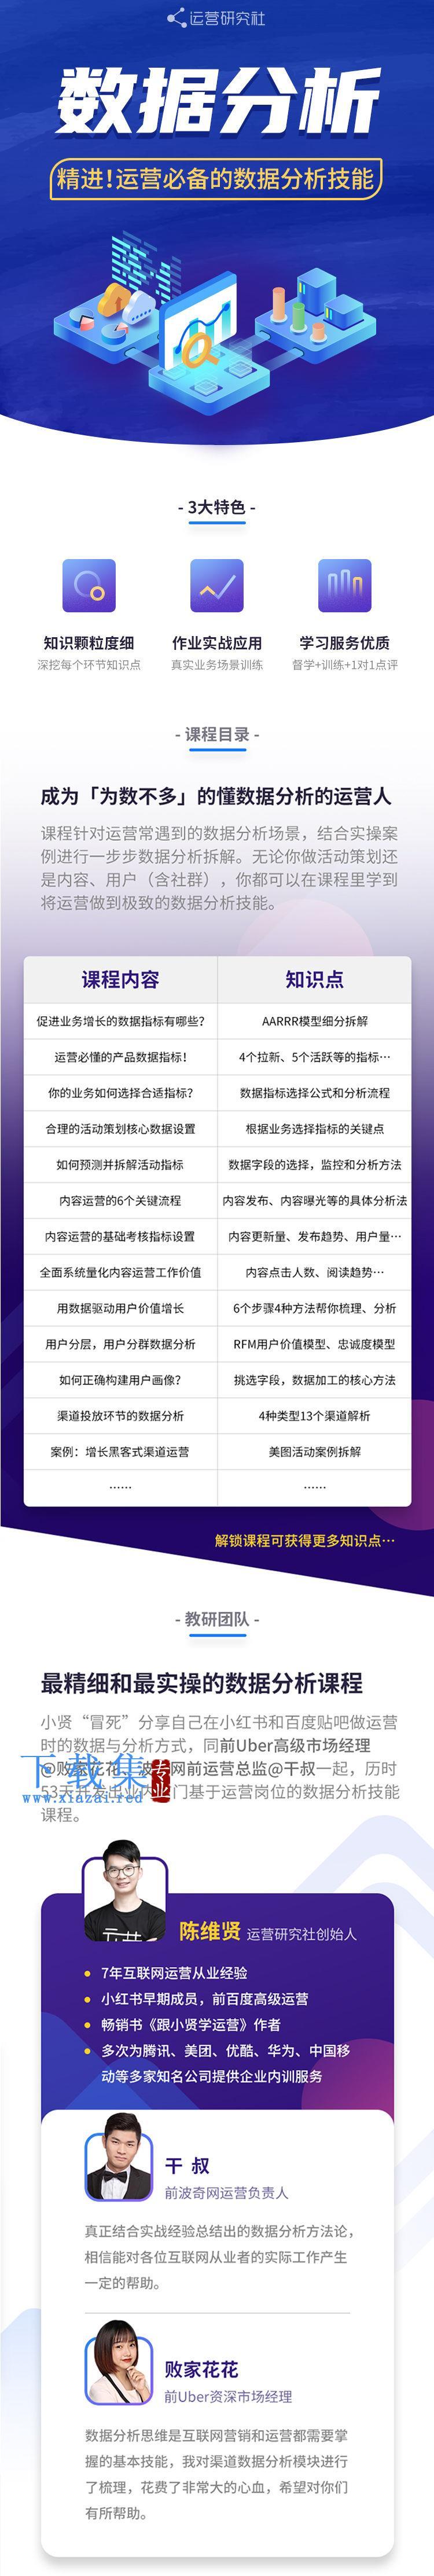 陈维贤运营必备的数据分析技能